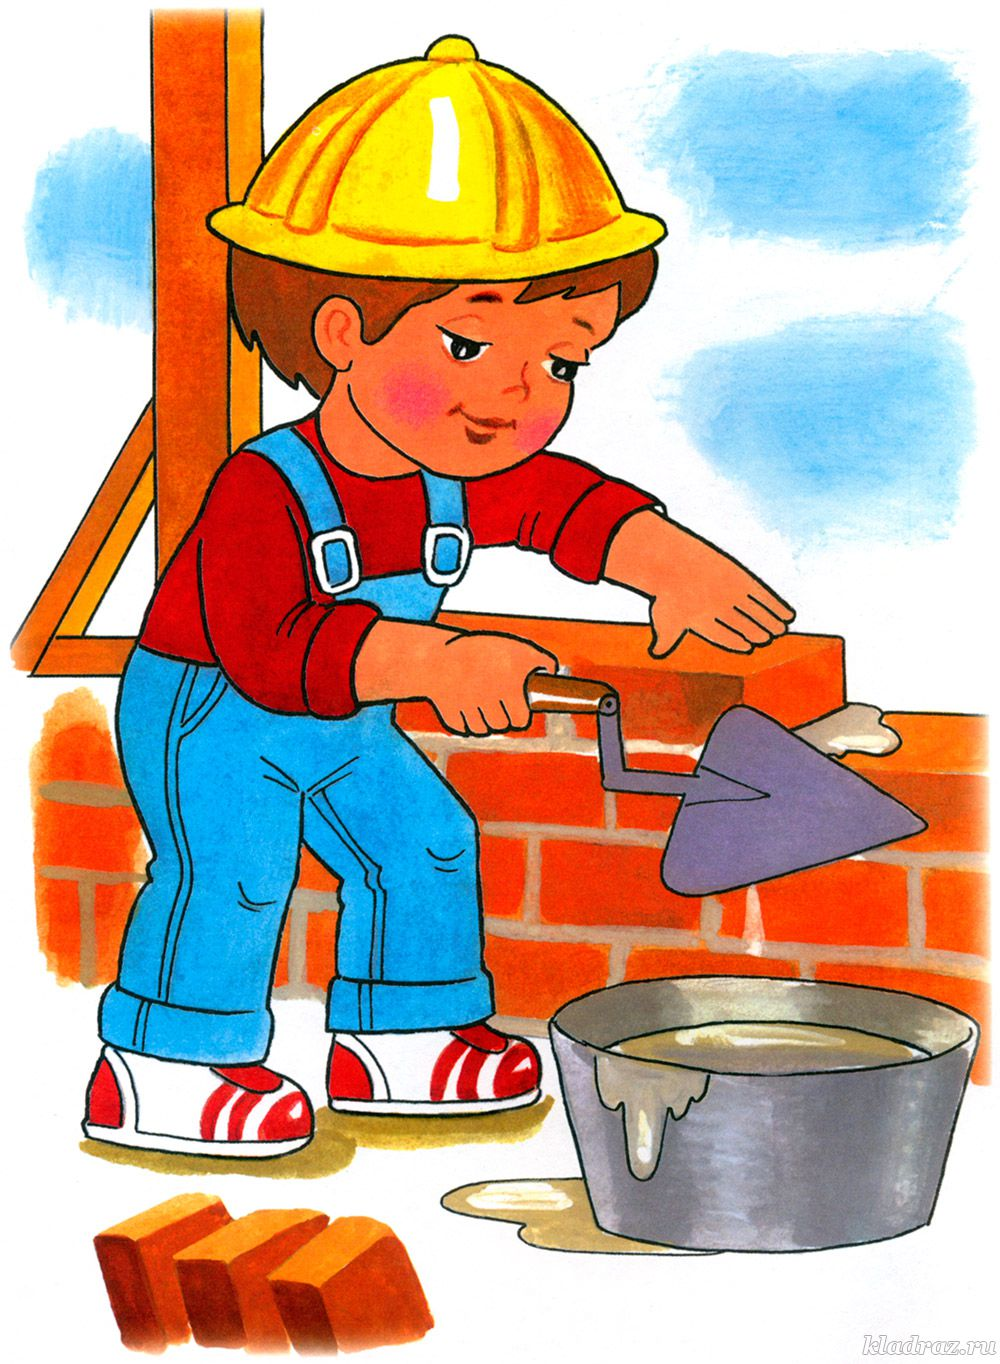 Картинка мальчик трудится